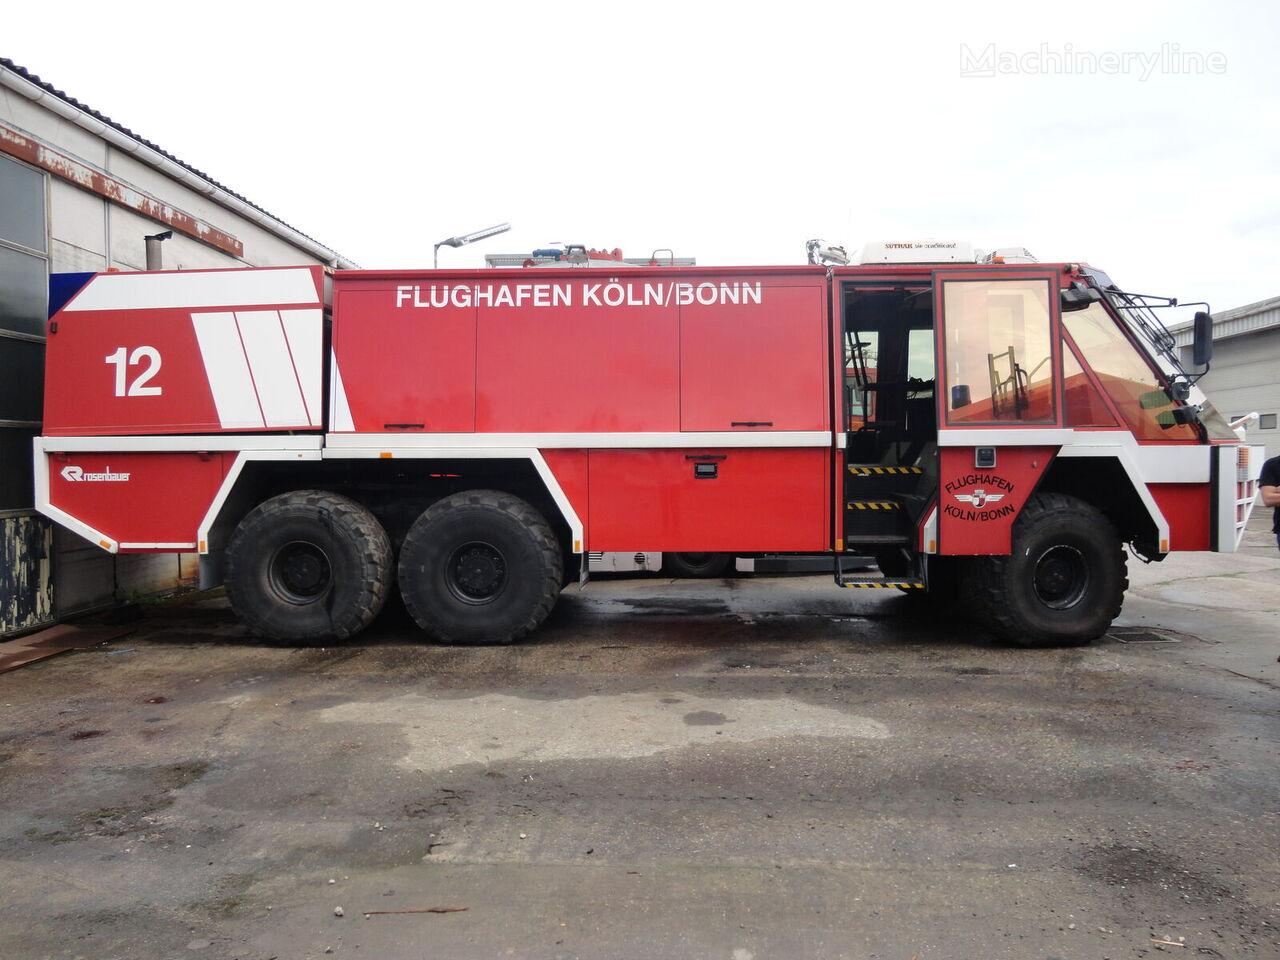 letališko gasilsko vozilo Rosenbauer TR39, 816-47